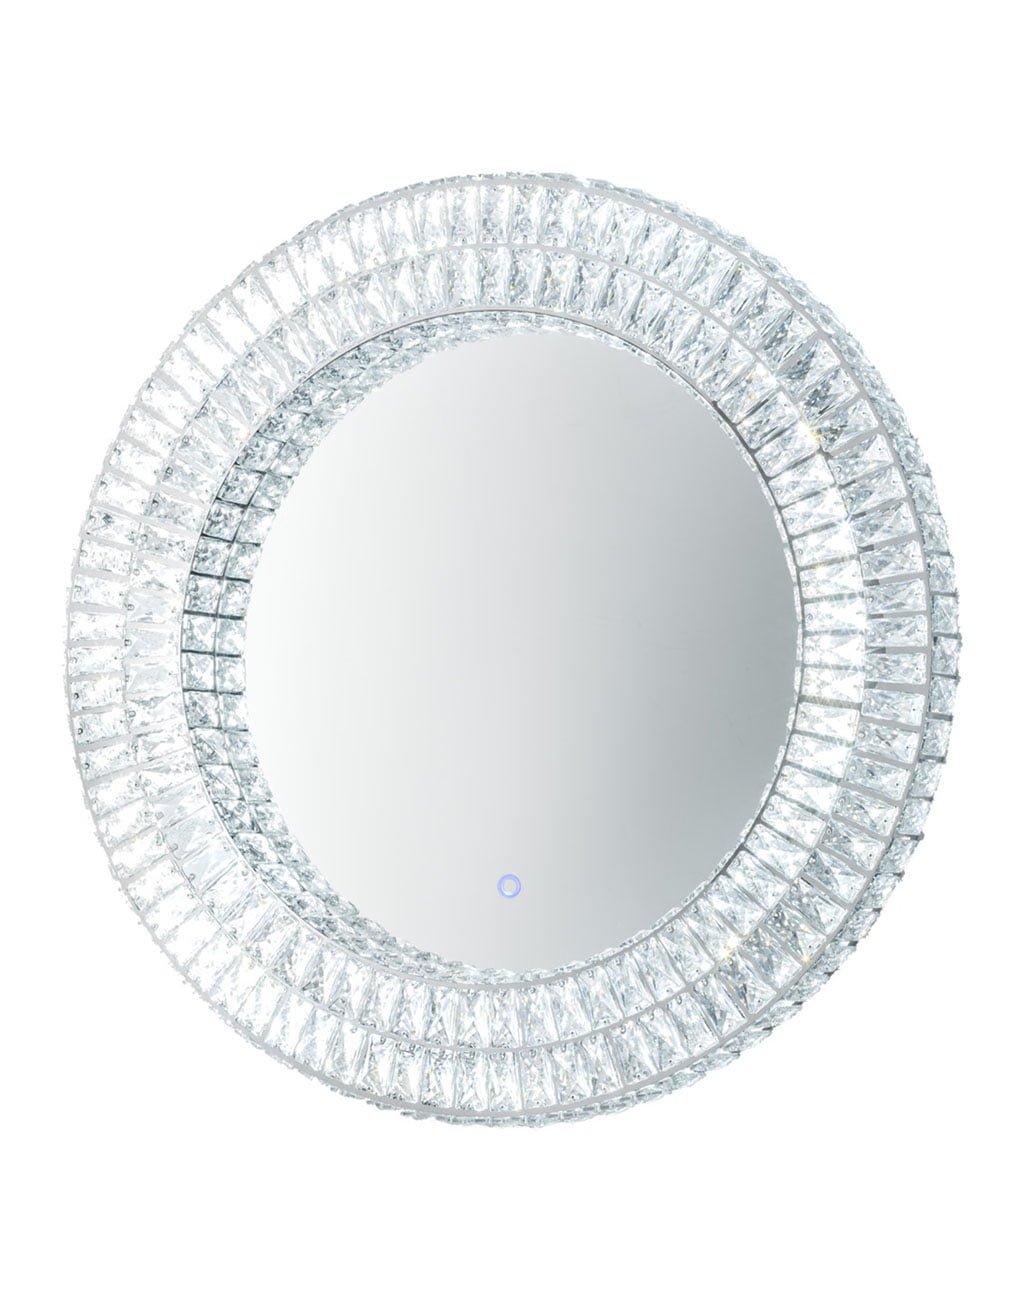 Royal Illuminated Wall Mirror, Chrome